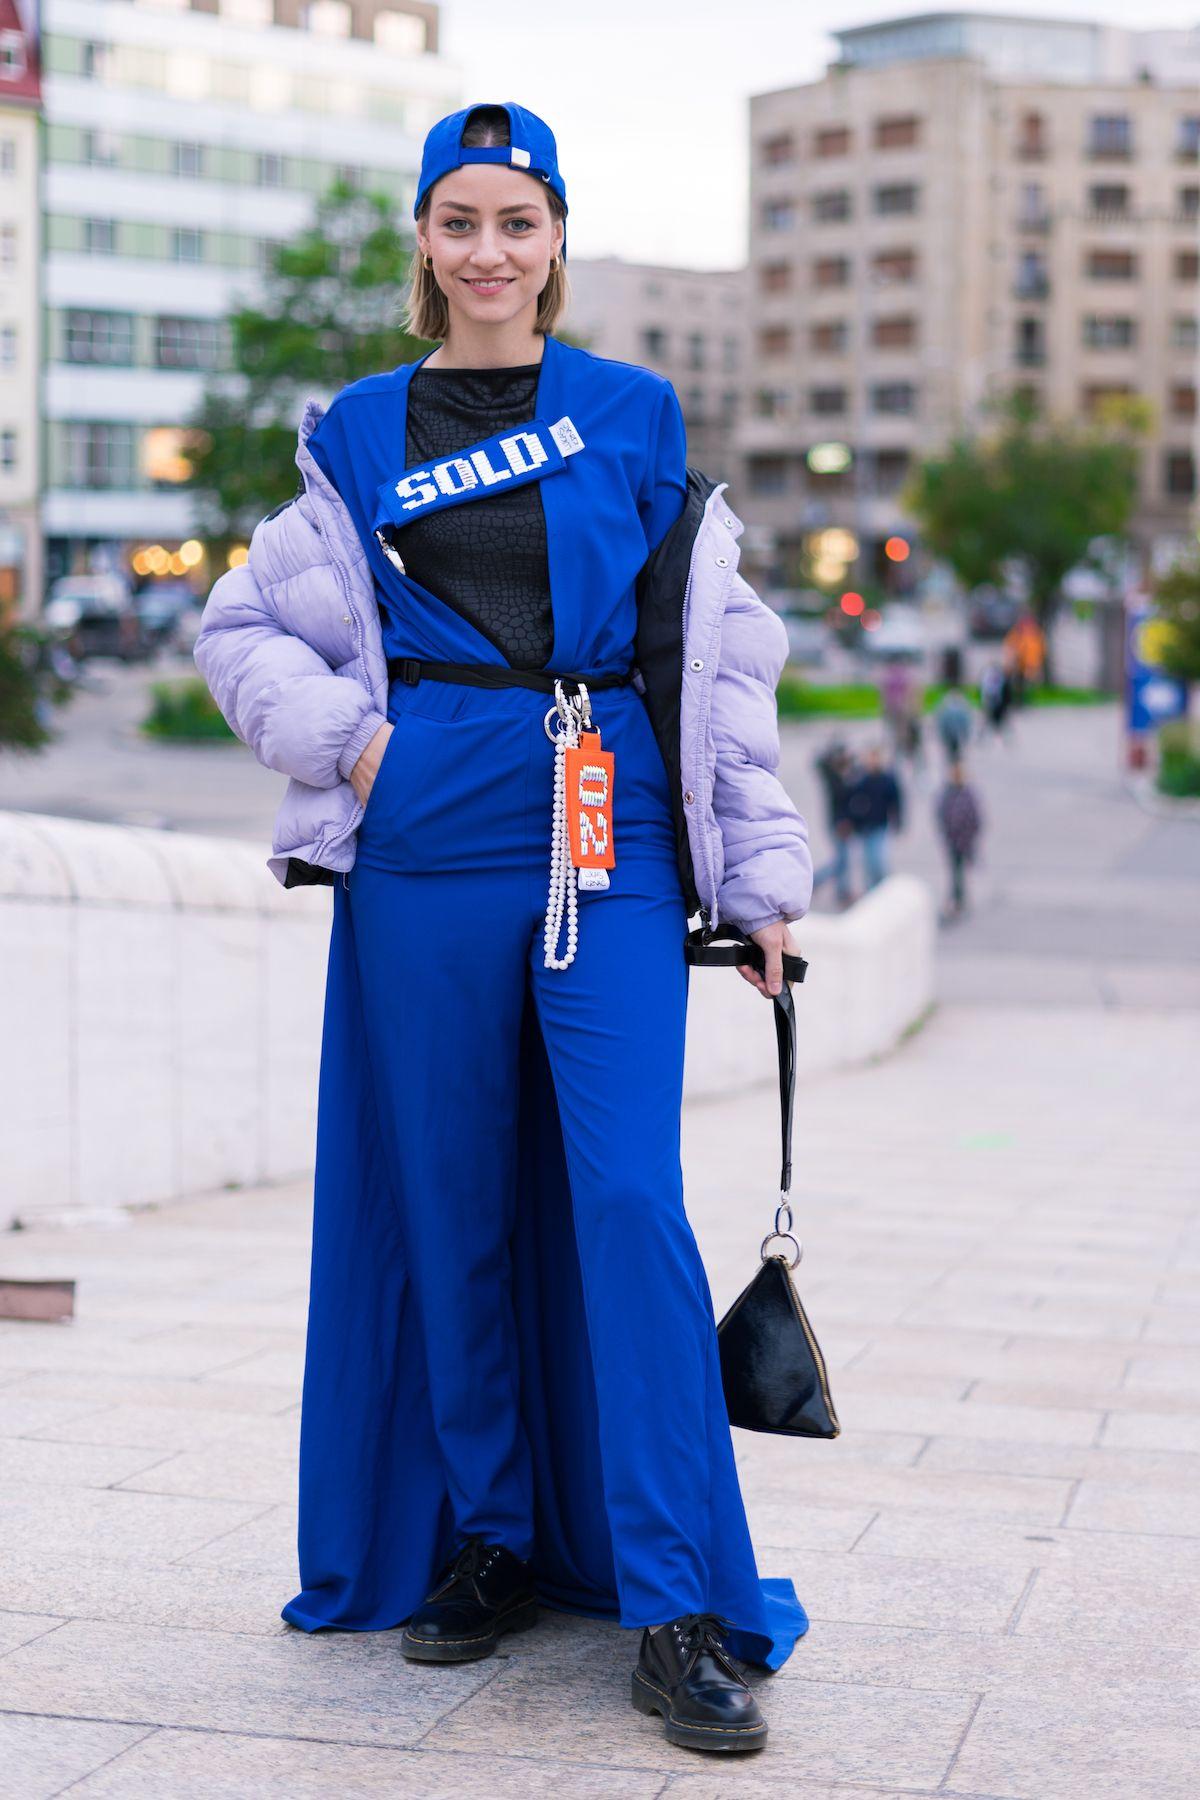 Návštevníkom Fashion LIVE! nešlo len o drahé oblečenie. Podporujú najmä lokálnu tvorbu a udržateľnosť